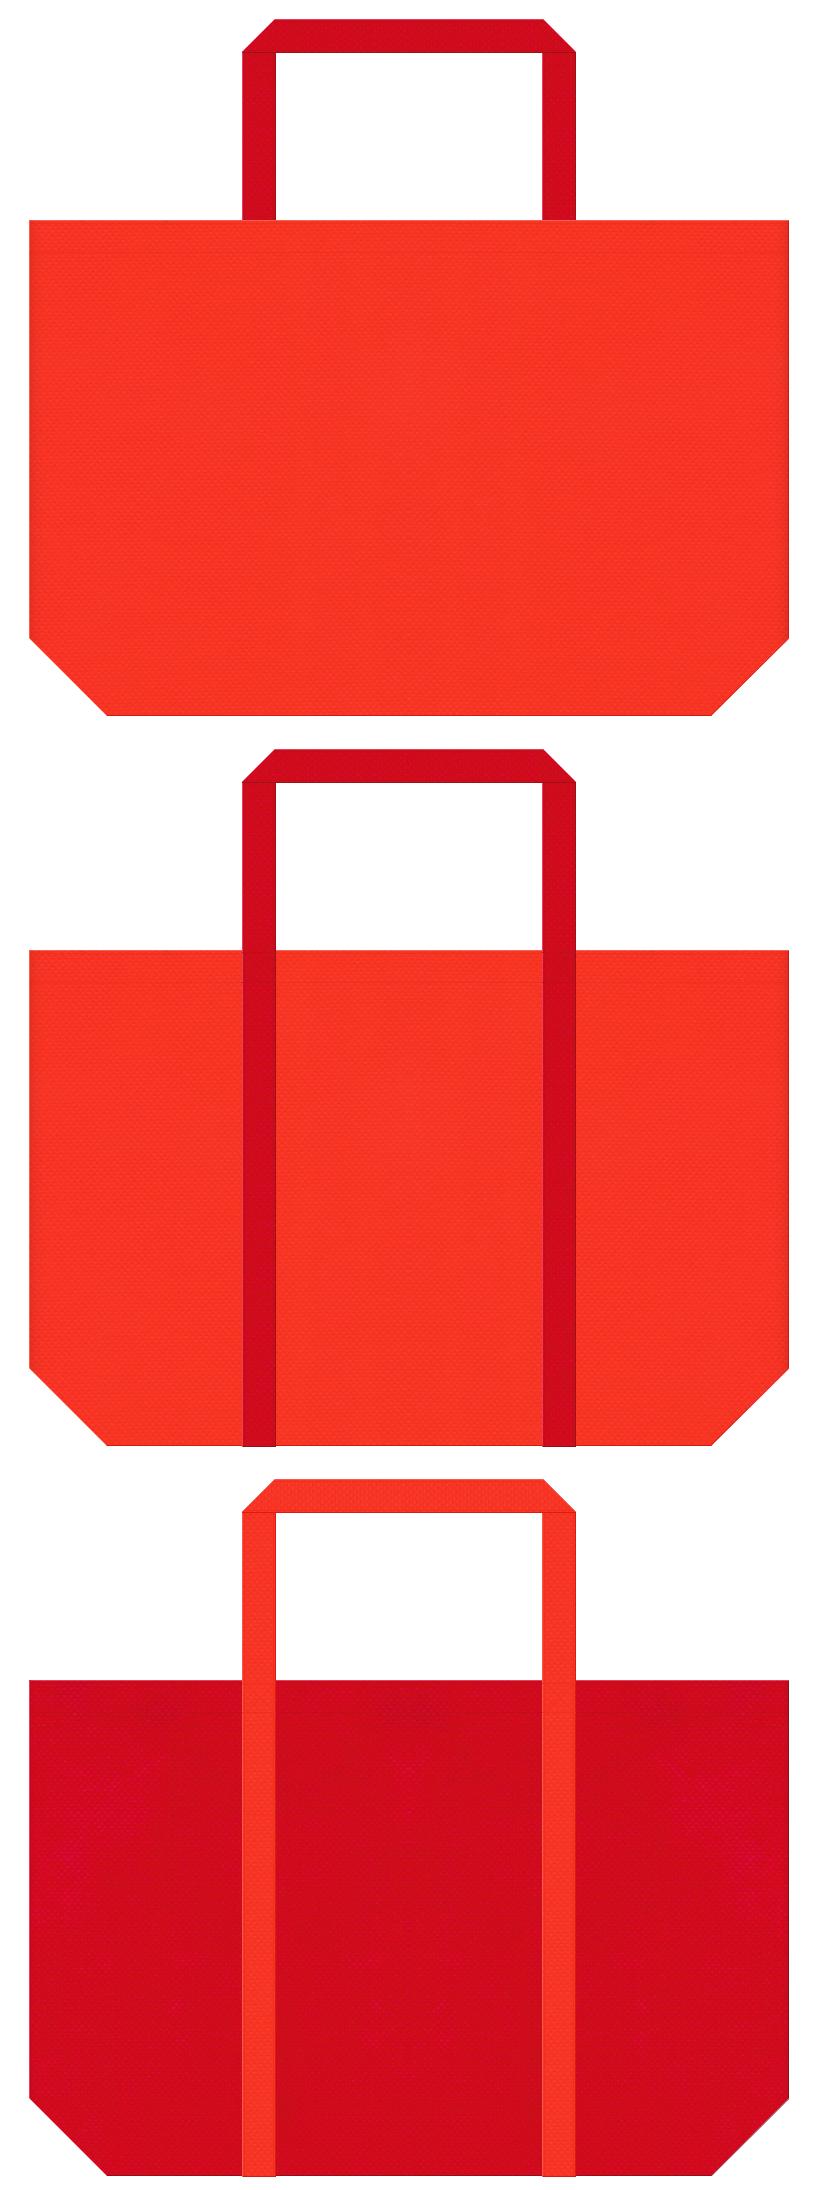 タバスコ・ラー油・サプリメント・太陽・エネルギー・暖房器具・スポーツ・キャンプ・バーベキュー・アウトドア・紅葉名所・観光旅行のノベルティ・オータムセールのショッピングバッグにお奨めの不織布バッグデザイン:オレンジ色と紅色のコーデ